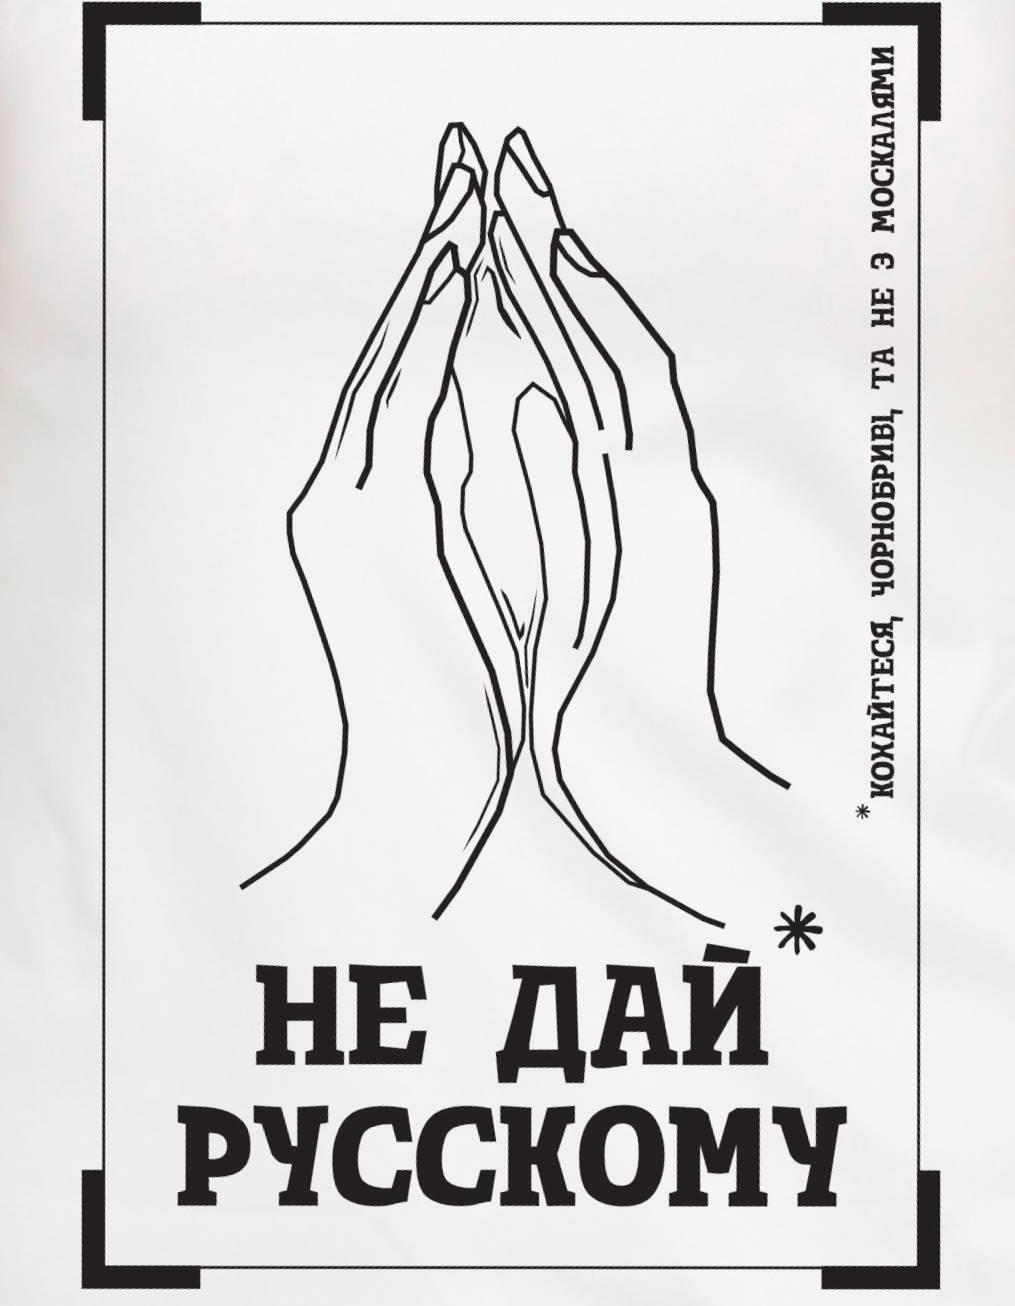 Секс п0 русскому 22 фотография